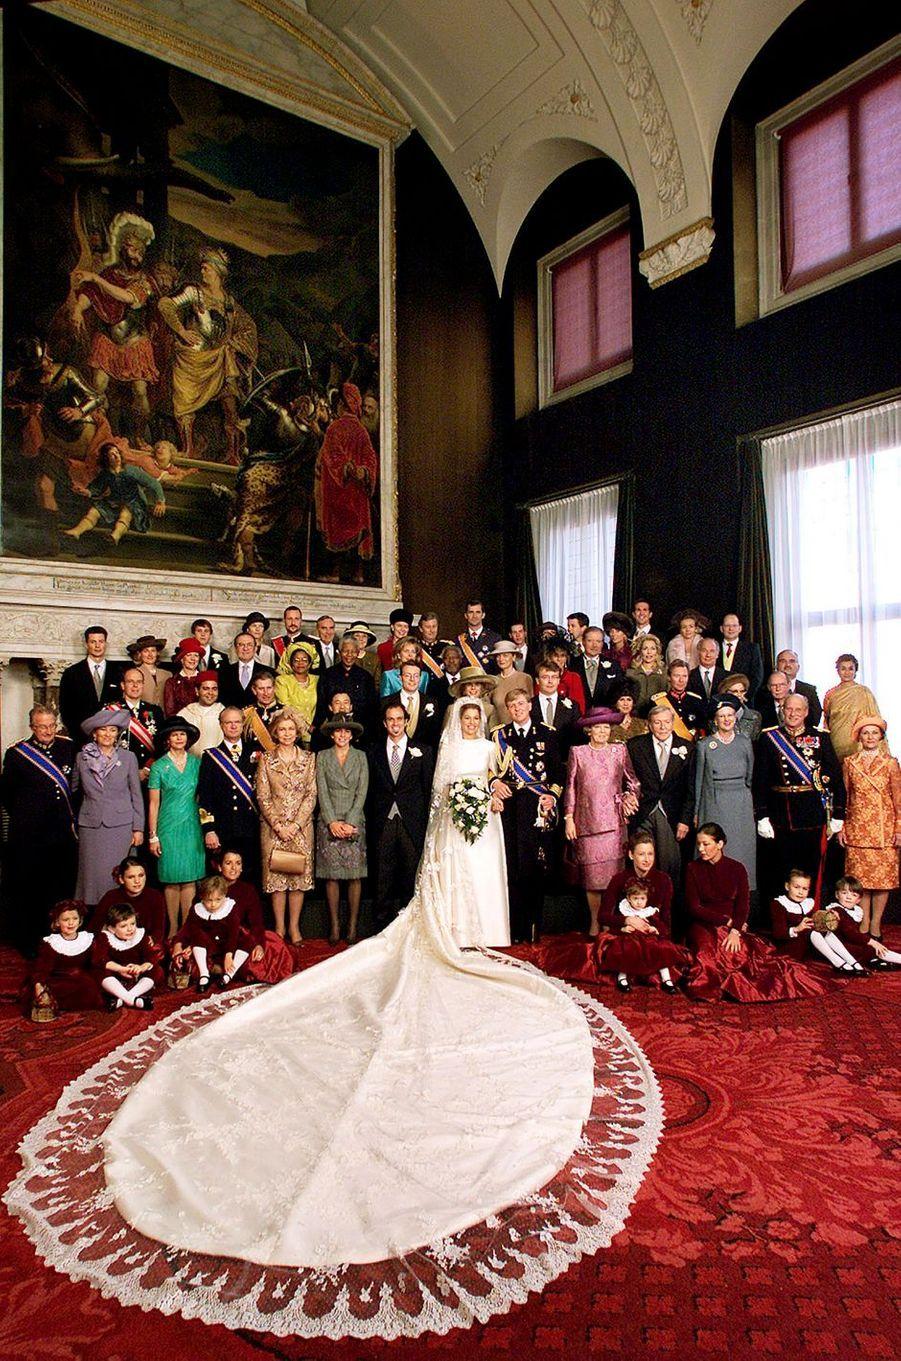 Maxima Zorreguieta et le prince Willem-Alexander des Pays-Bas avec leurs familles et et leurs invités le jour de leur mariage à Amsterdam, le 2 février 2002